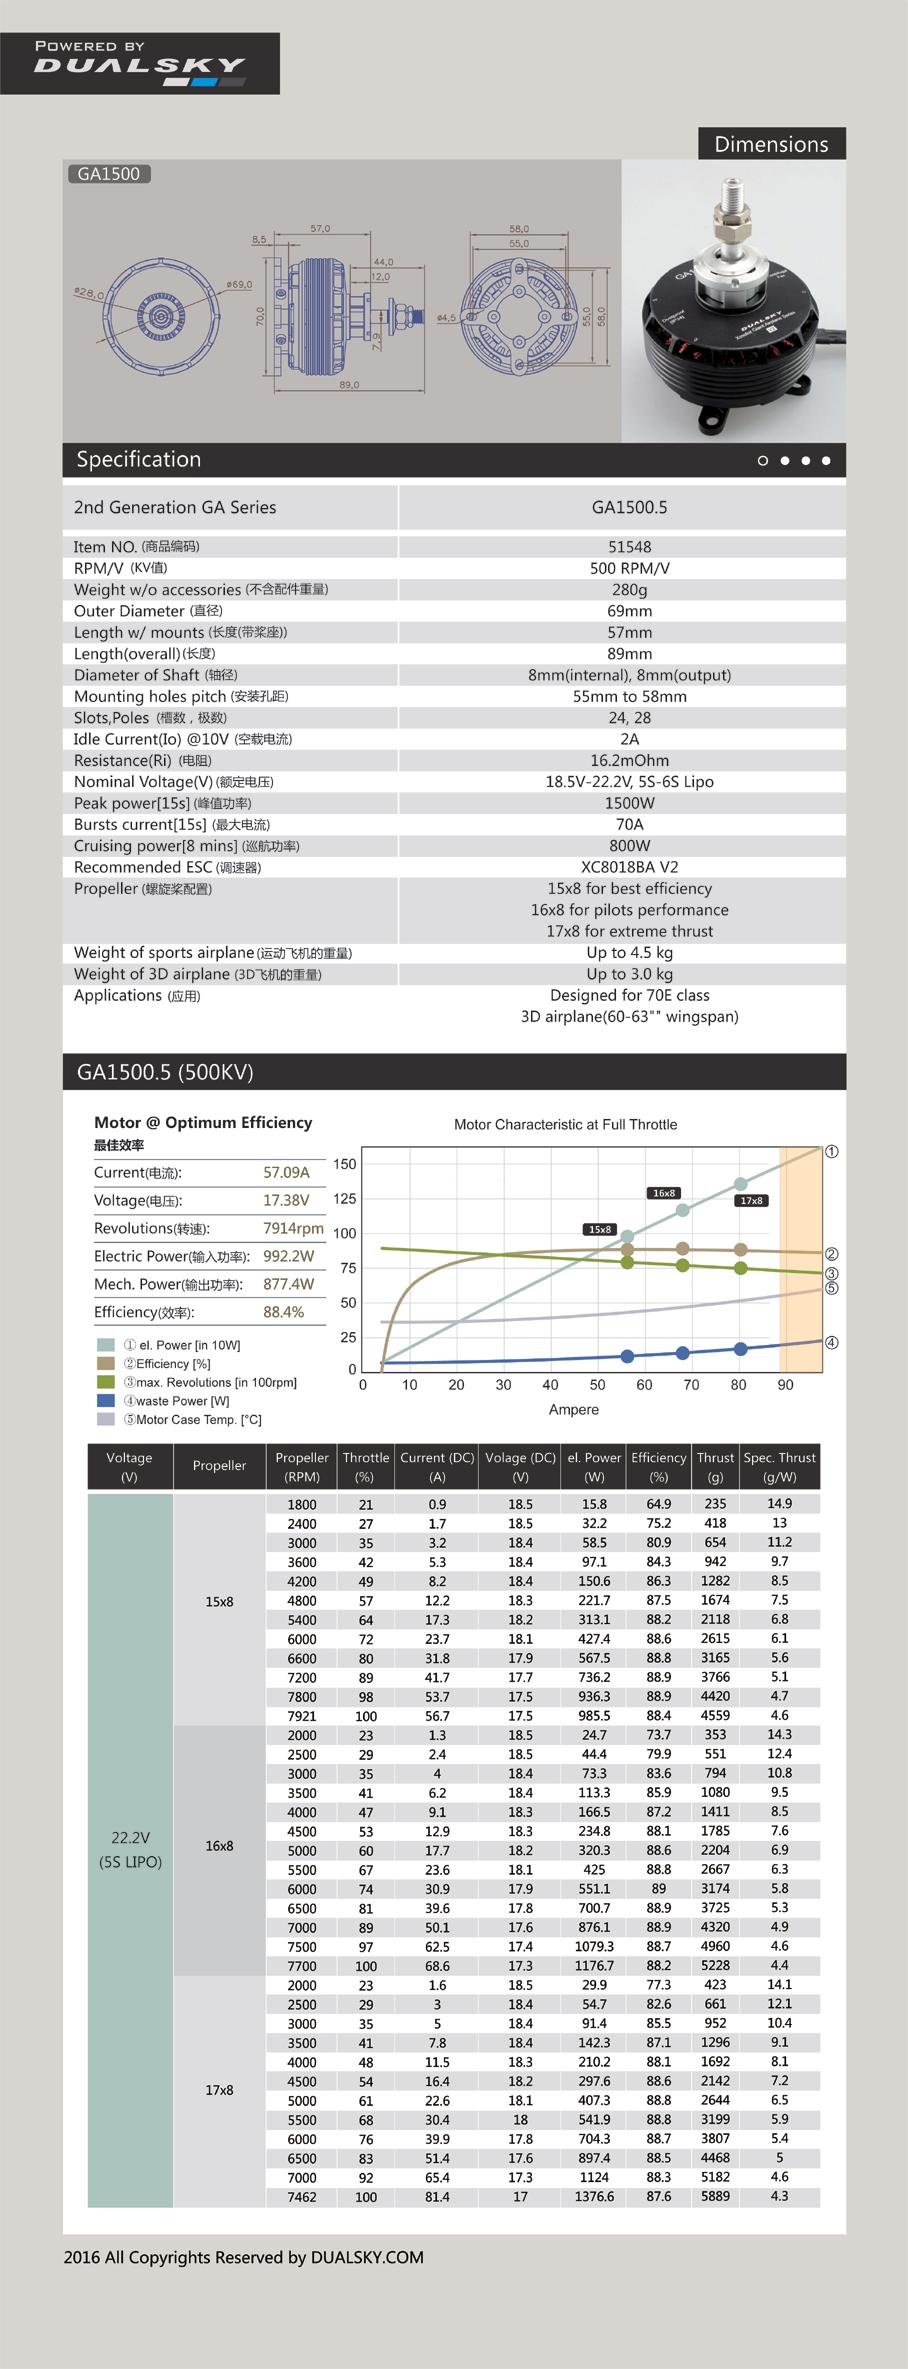 Dualsky GA1500.5 Xmotor